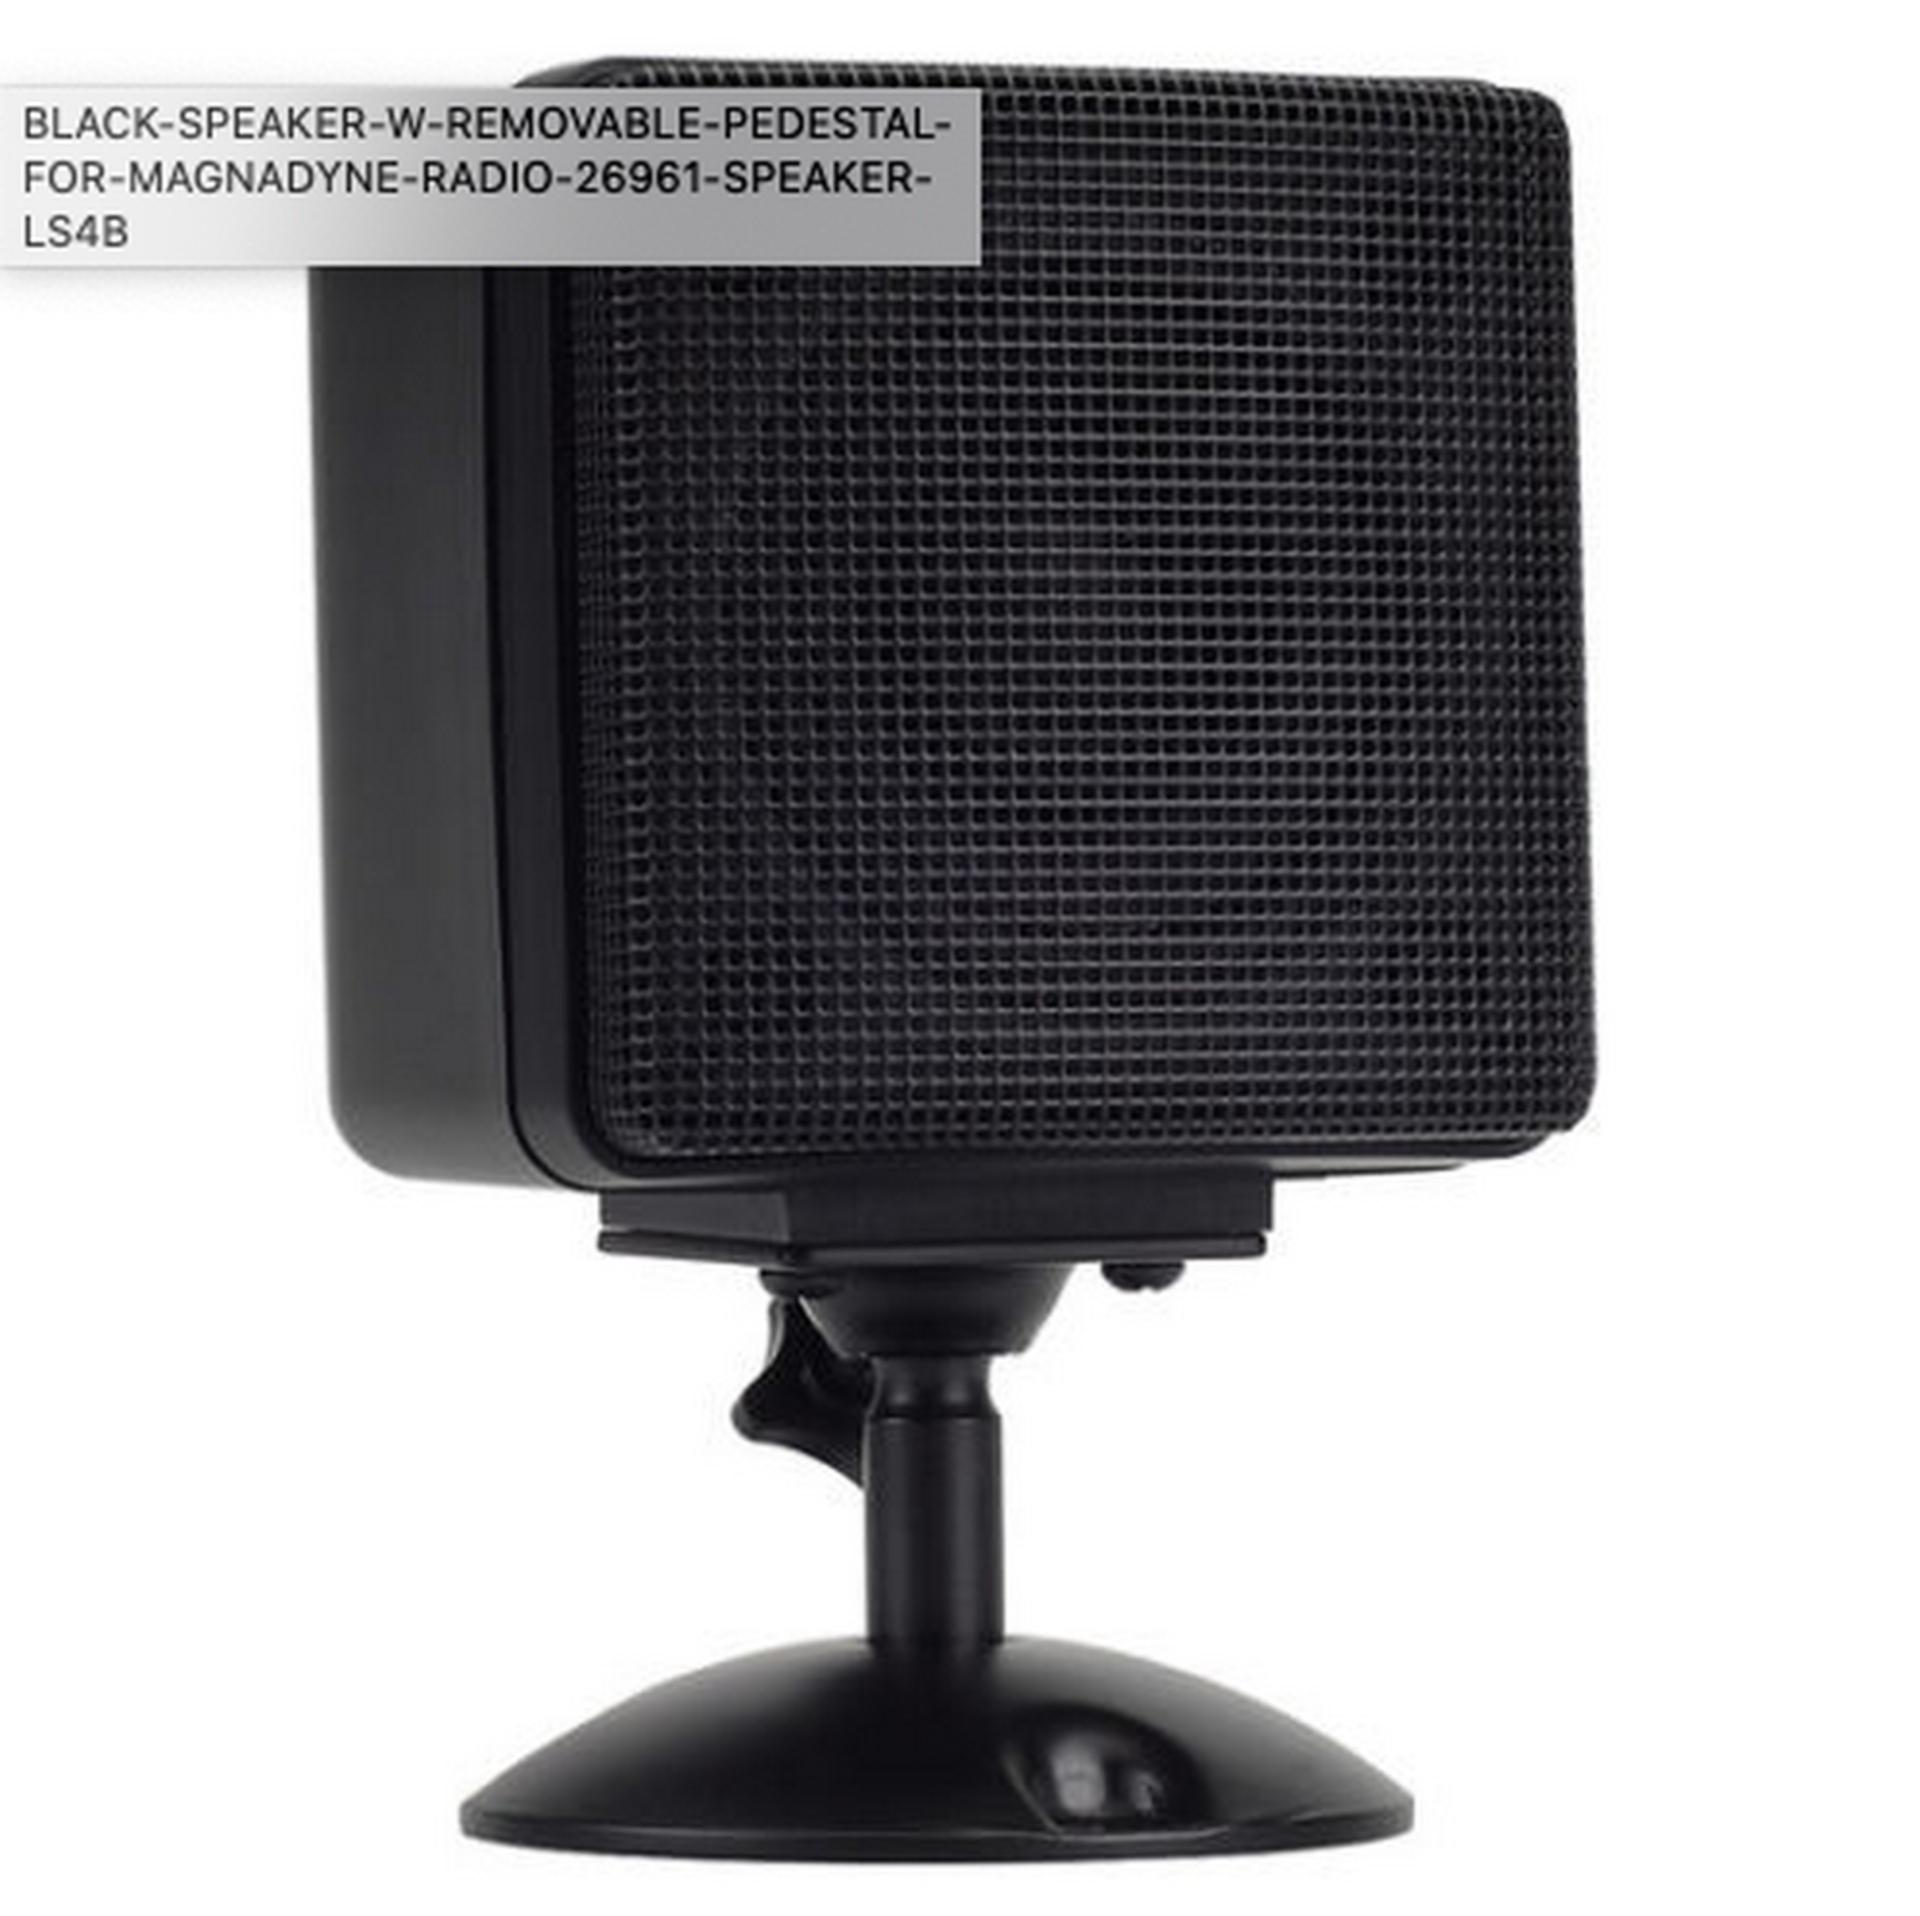 """Lot 191 - 10 SINGLE SPEAKER BLACK SPEAKER W/ REMOVABLE PEDESTAL MODEL 26961 3"""" Satellite Speaker (Black)"""